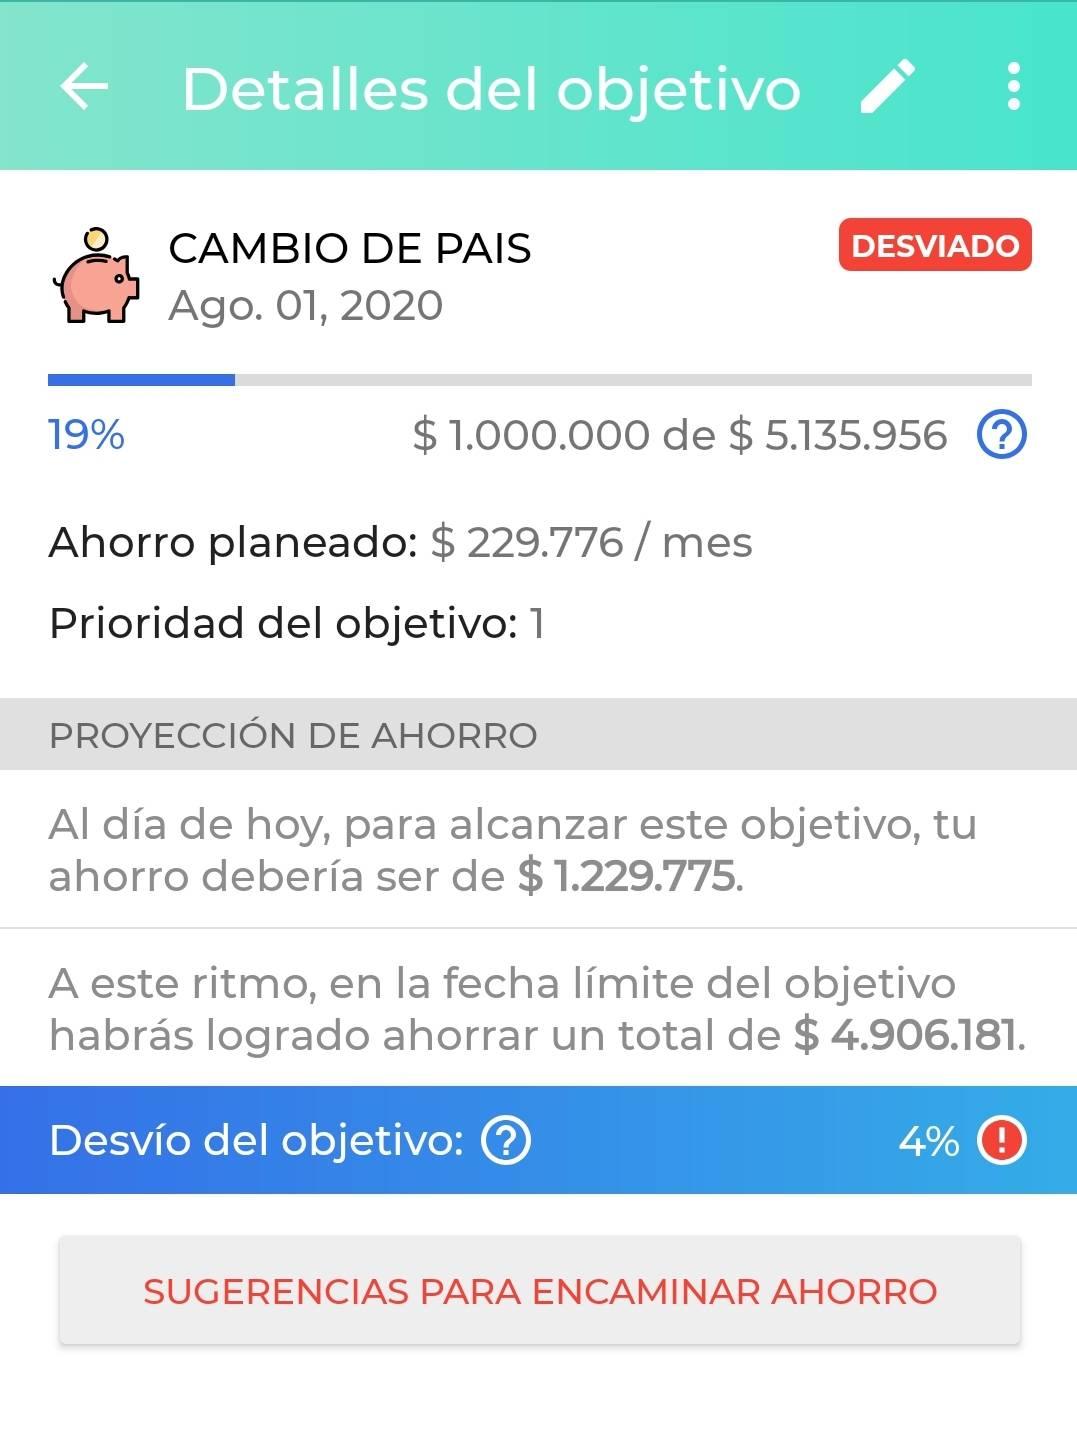 Oingz, la aplicación colombiana de ahorro que te ayuda a alcanzar tus objetivos